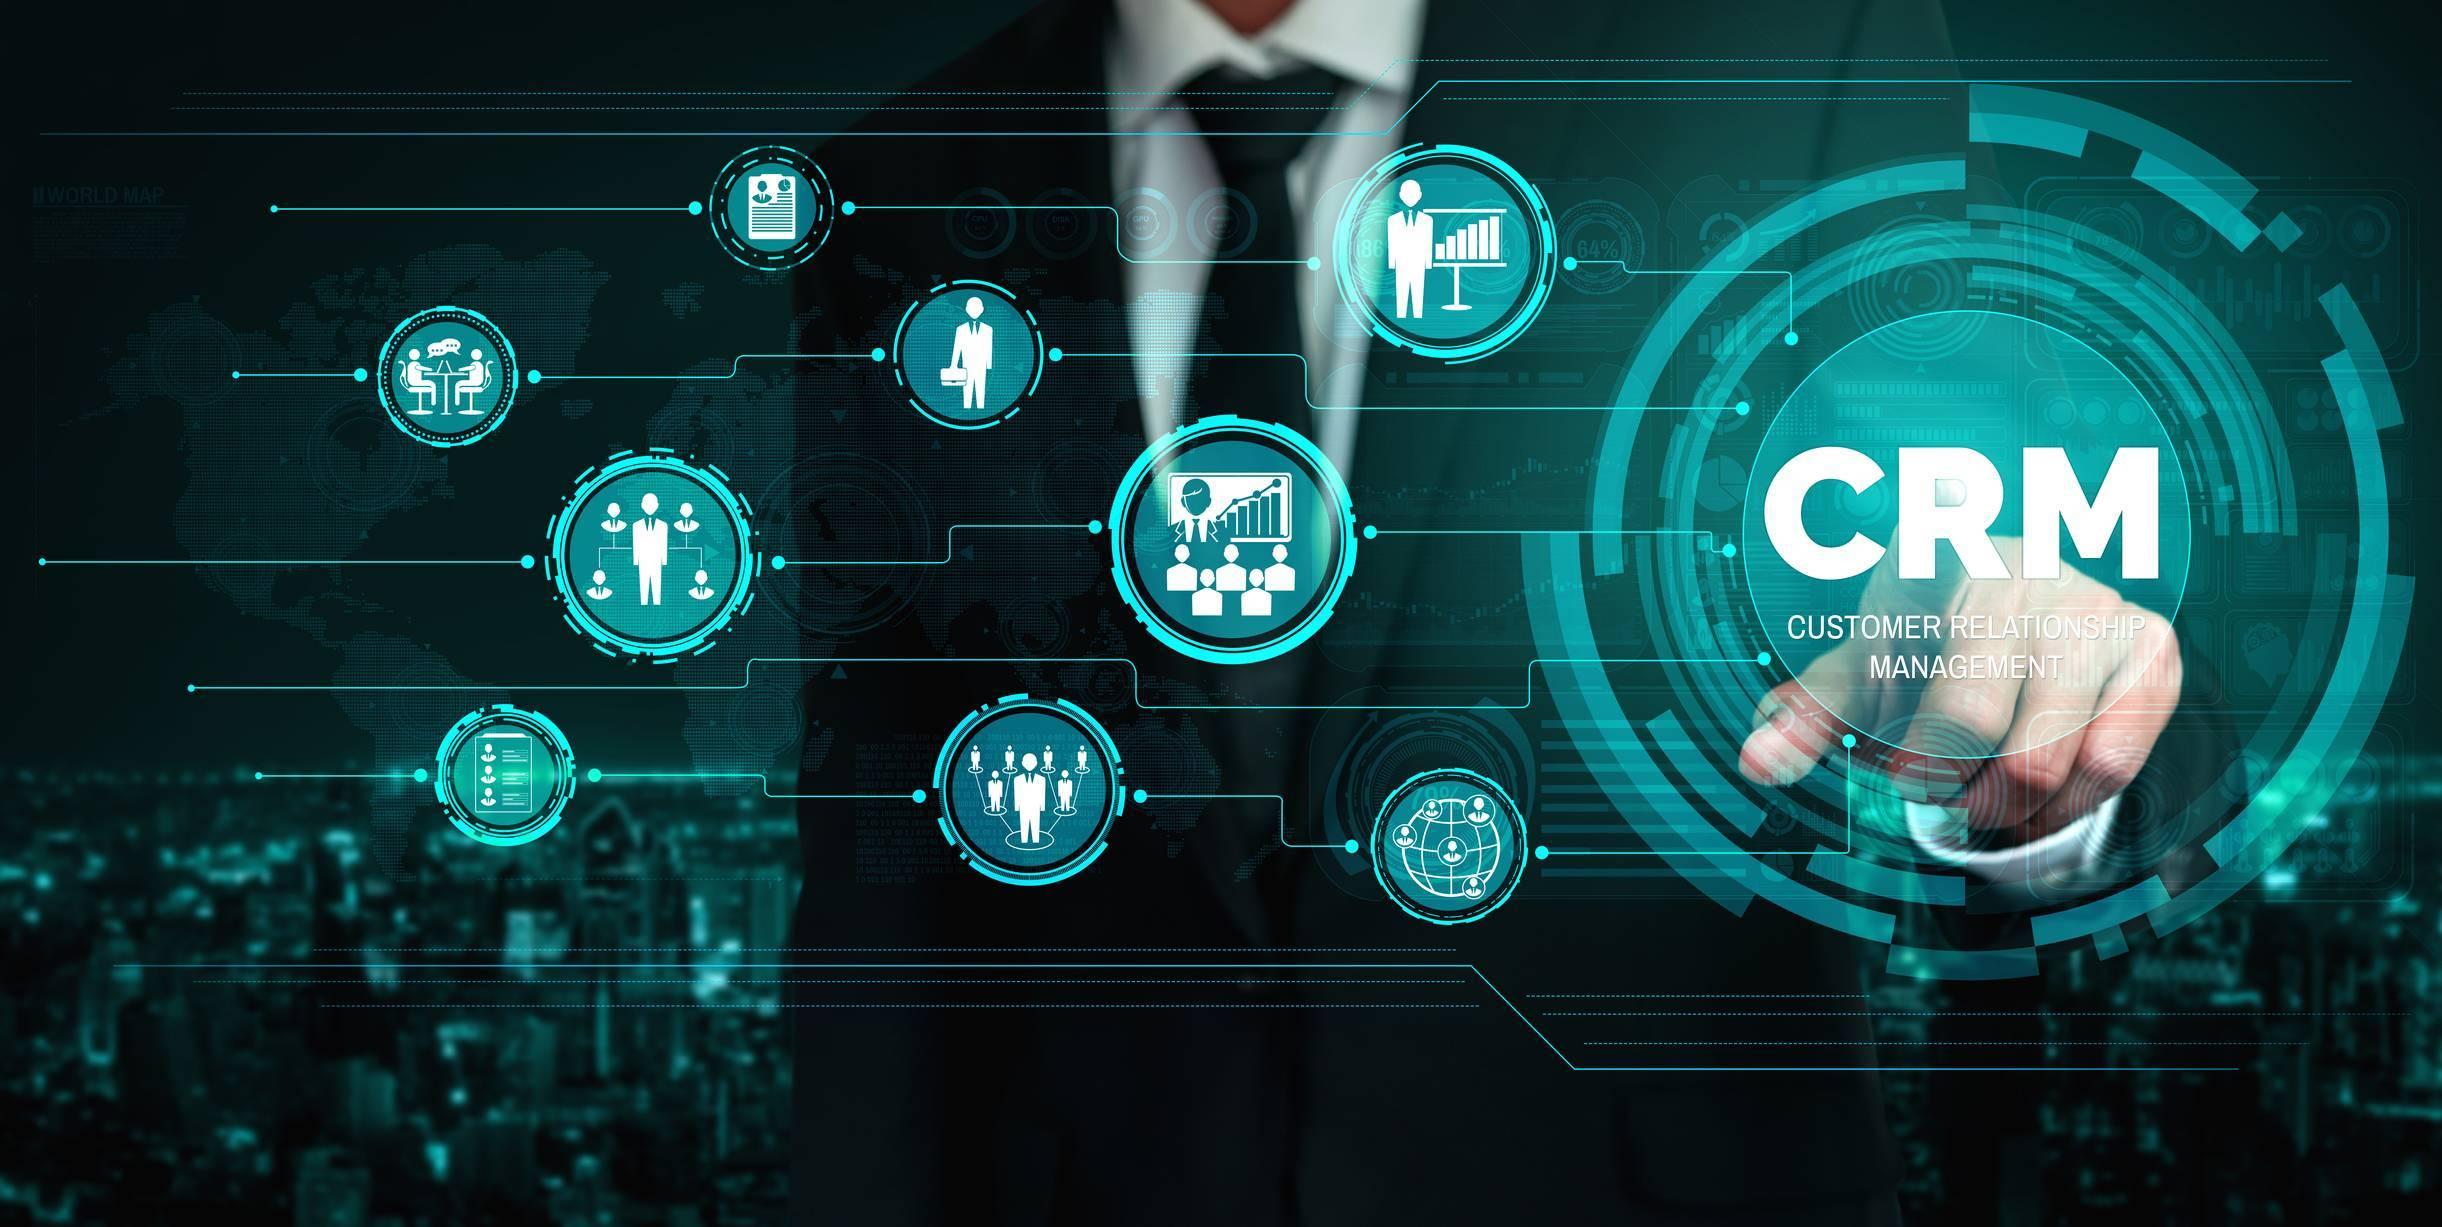 Le CRM permet d'optimiser le fonctionnement du service commercial.